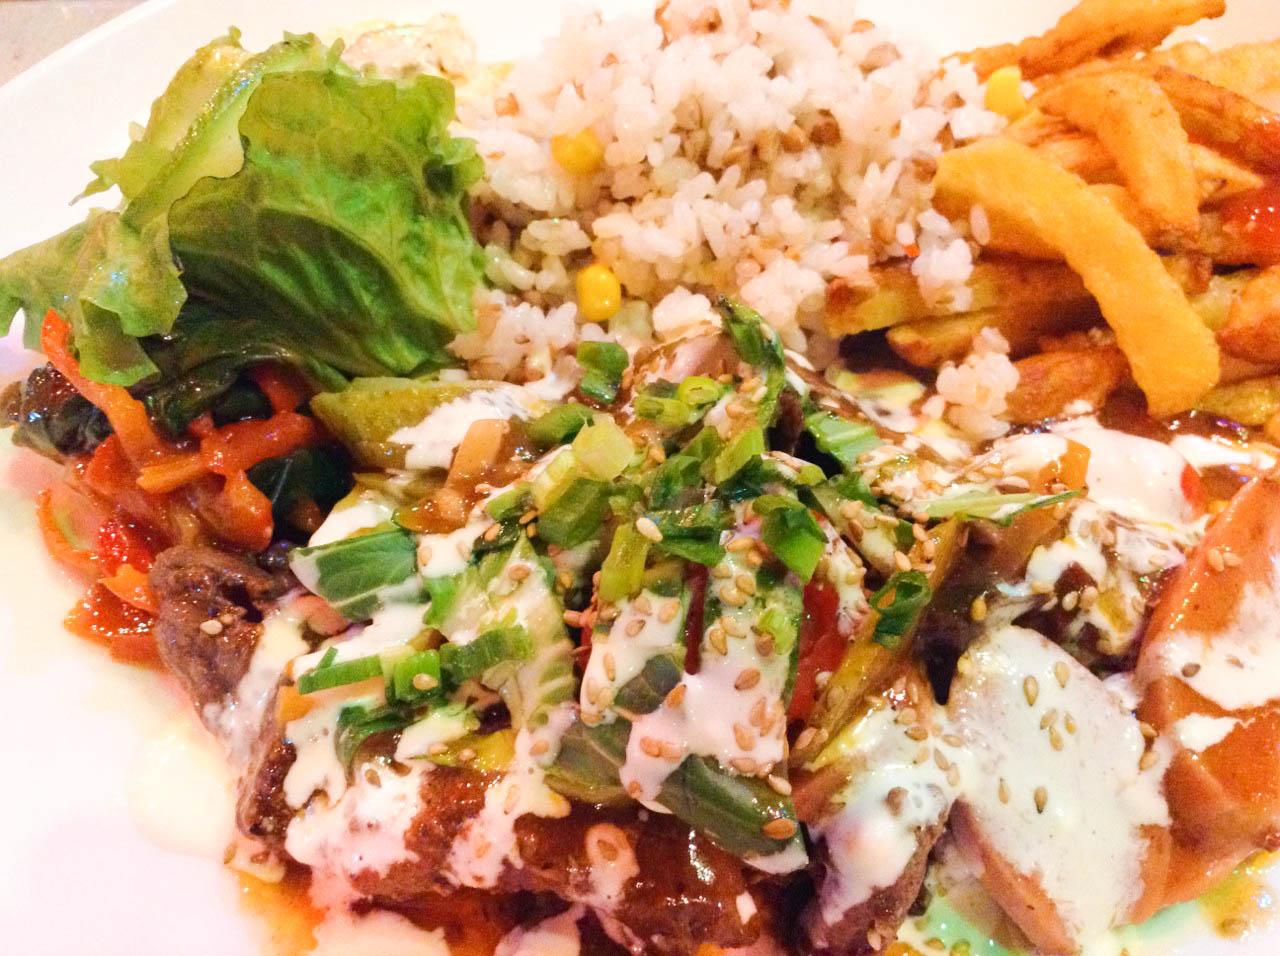 決定!モンゴルのウランバートルで一番コスパに優れて美味しいモンゴルレストラン AuRai